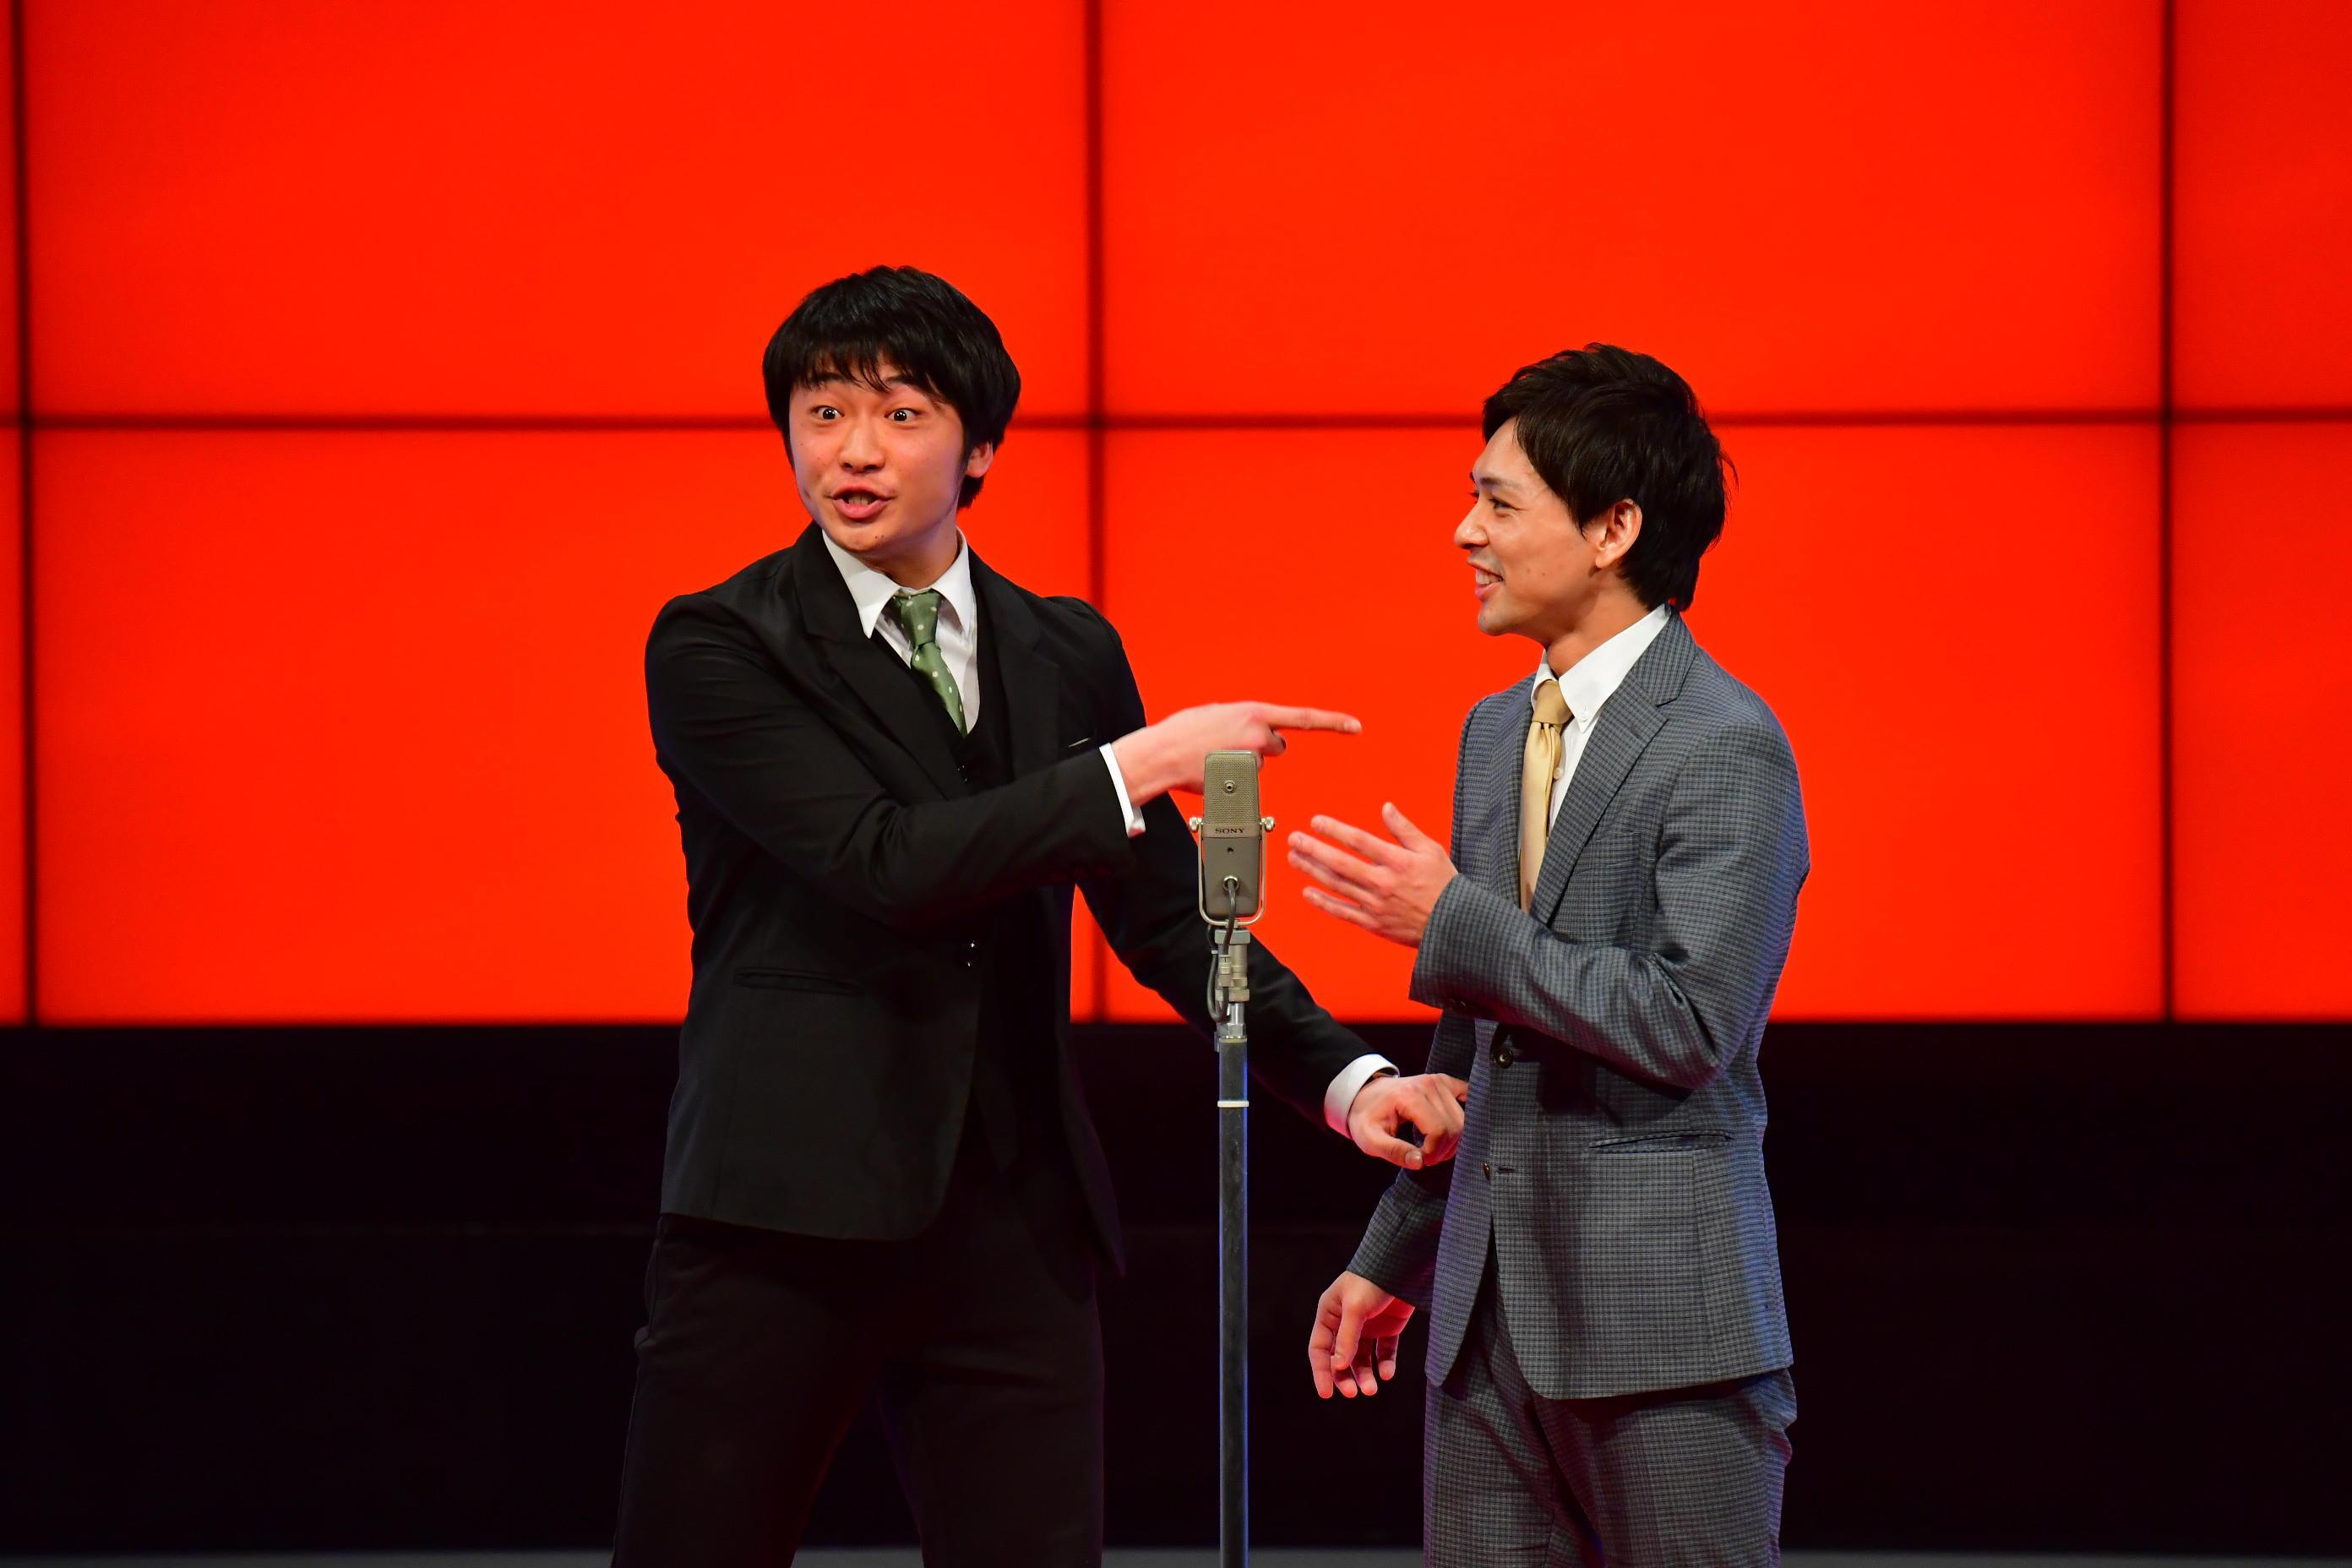 http://news.yoshimoto.co.jp/20180109015409-9d5690c70b796f2e2a02fd6795b27d822aaf2ceb.jpg